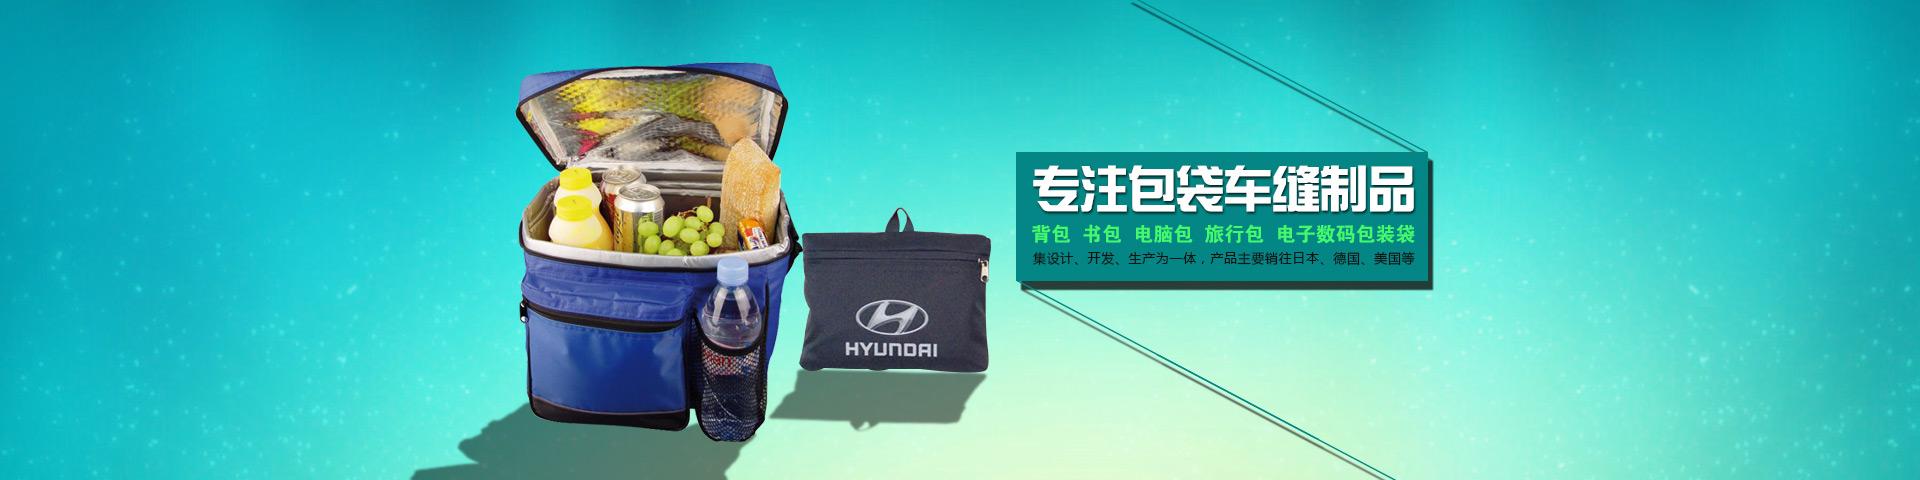 各种包袋车缝制品